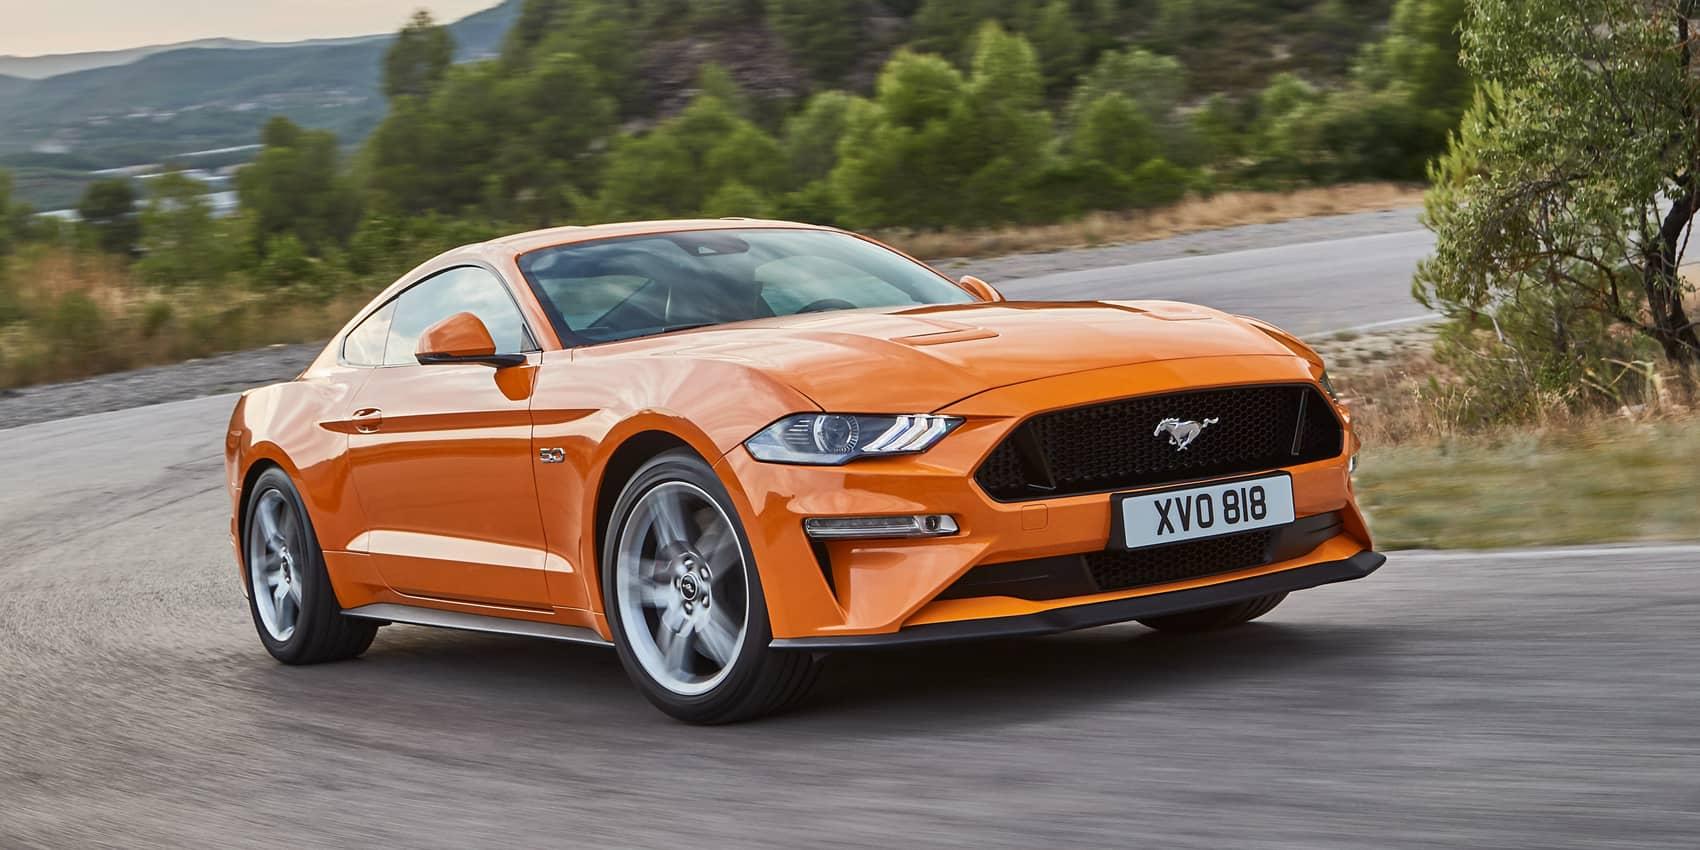 Precios ford mustang 2019 qué coche me compro